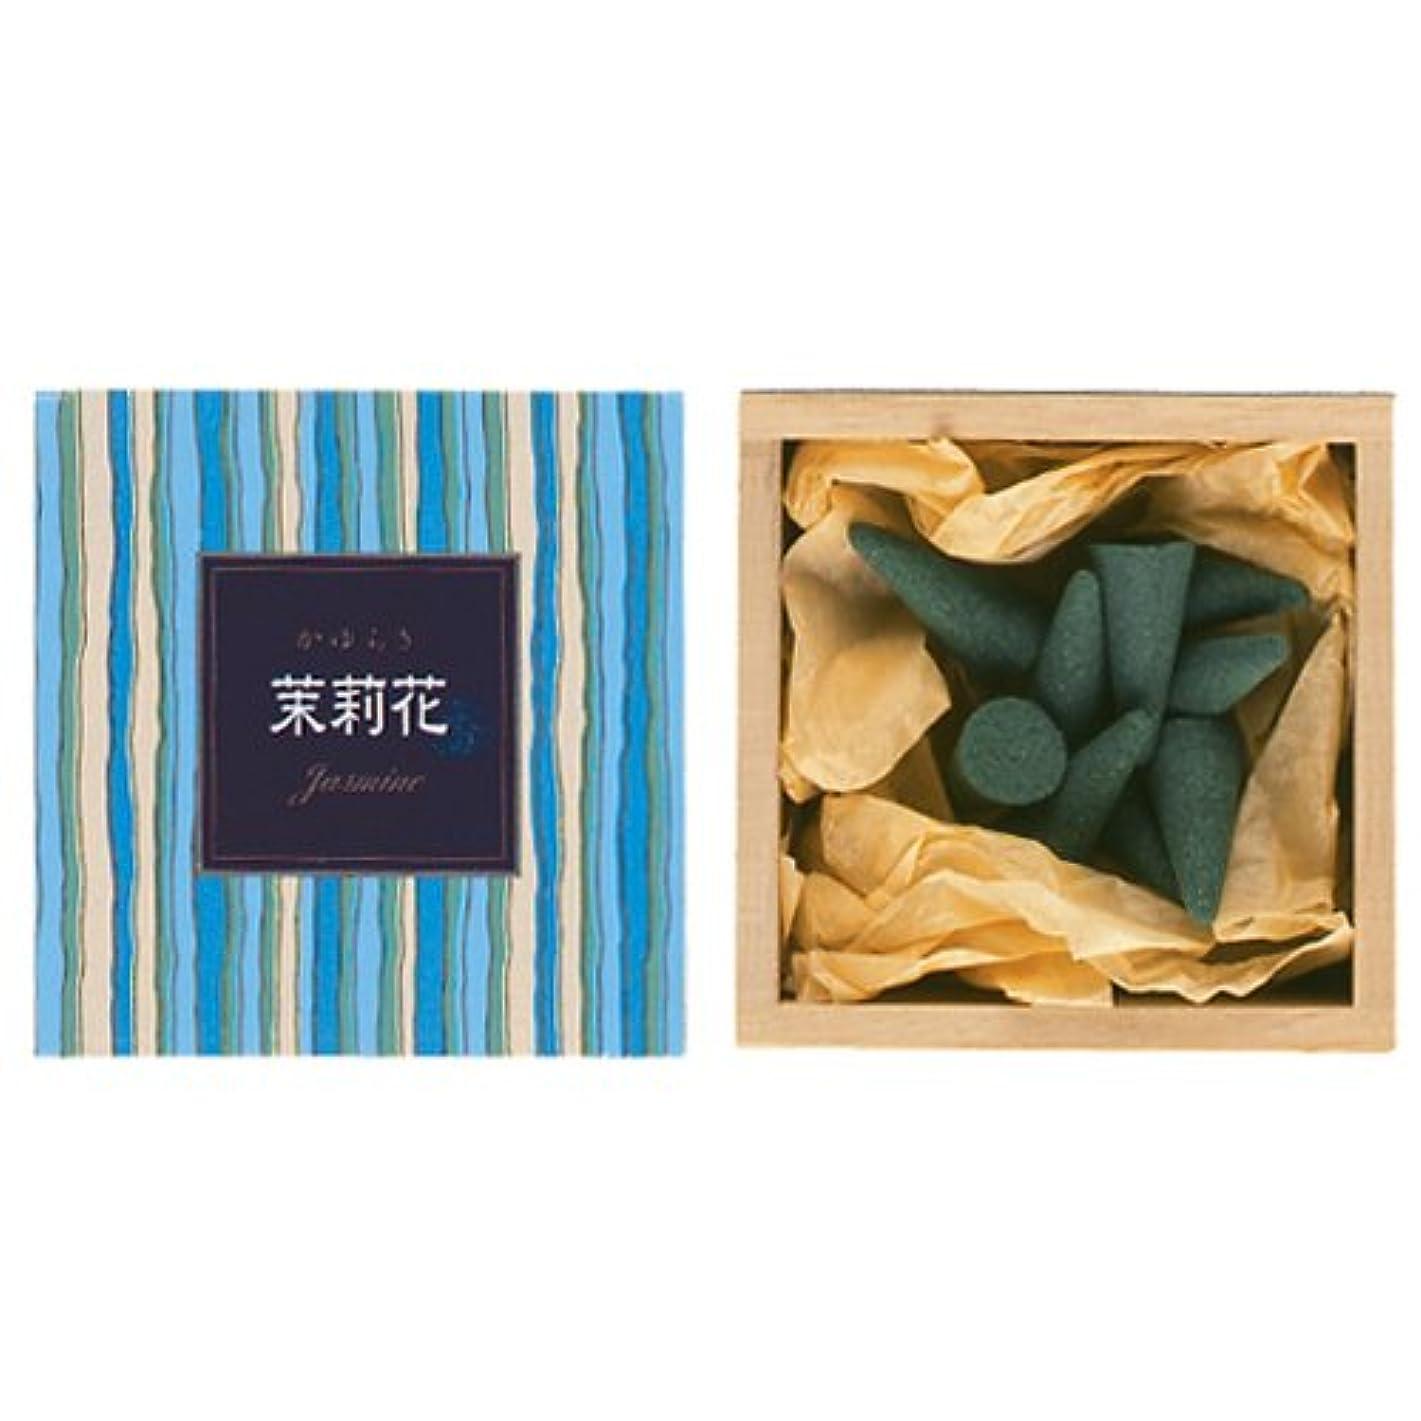 Nippon Kodo – Kayuragi – ジャスミン12 Cones